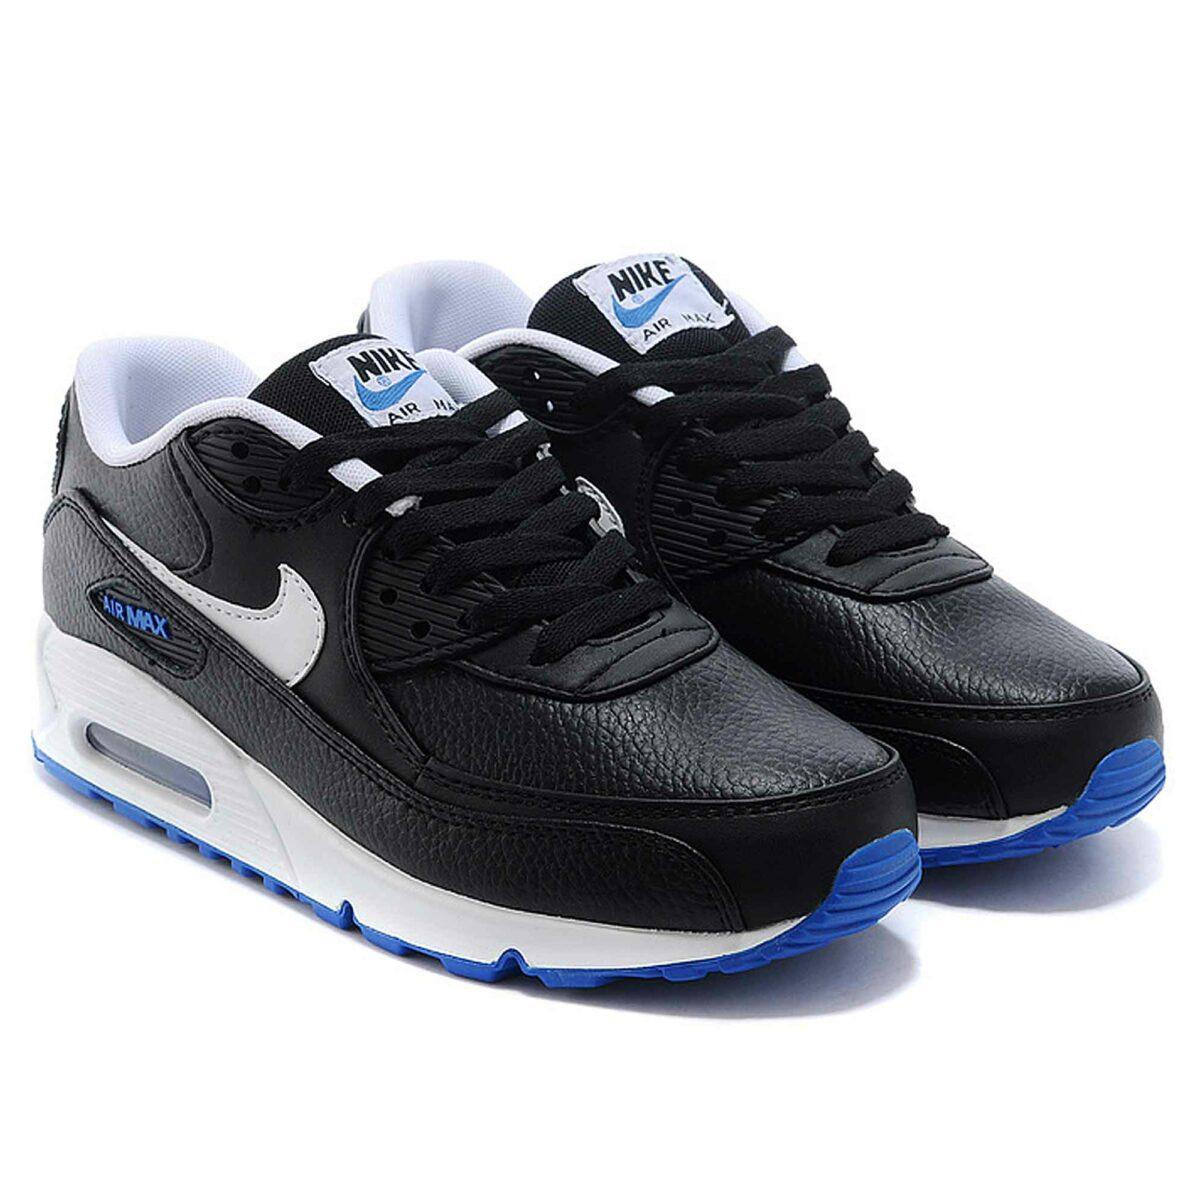 Купить Nike Air Max 90 LTR Hyper Cobalt